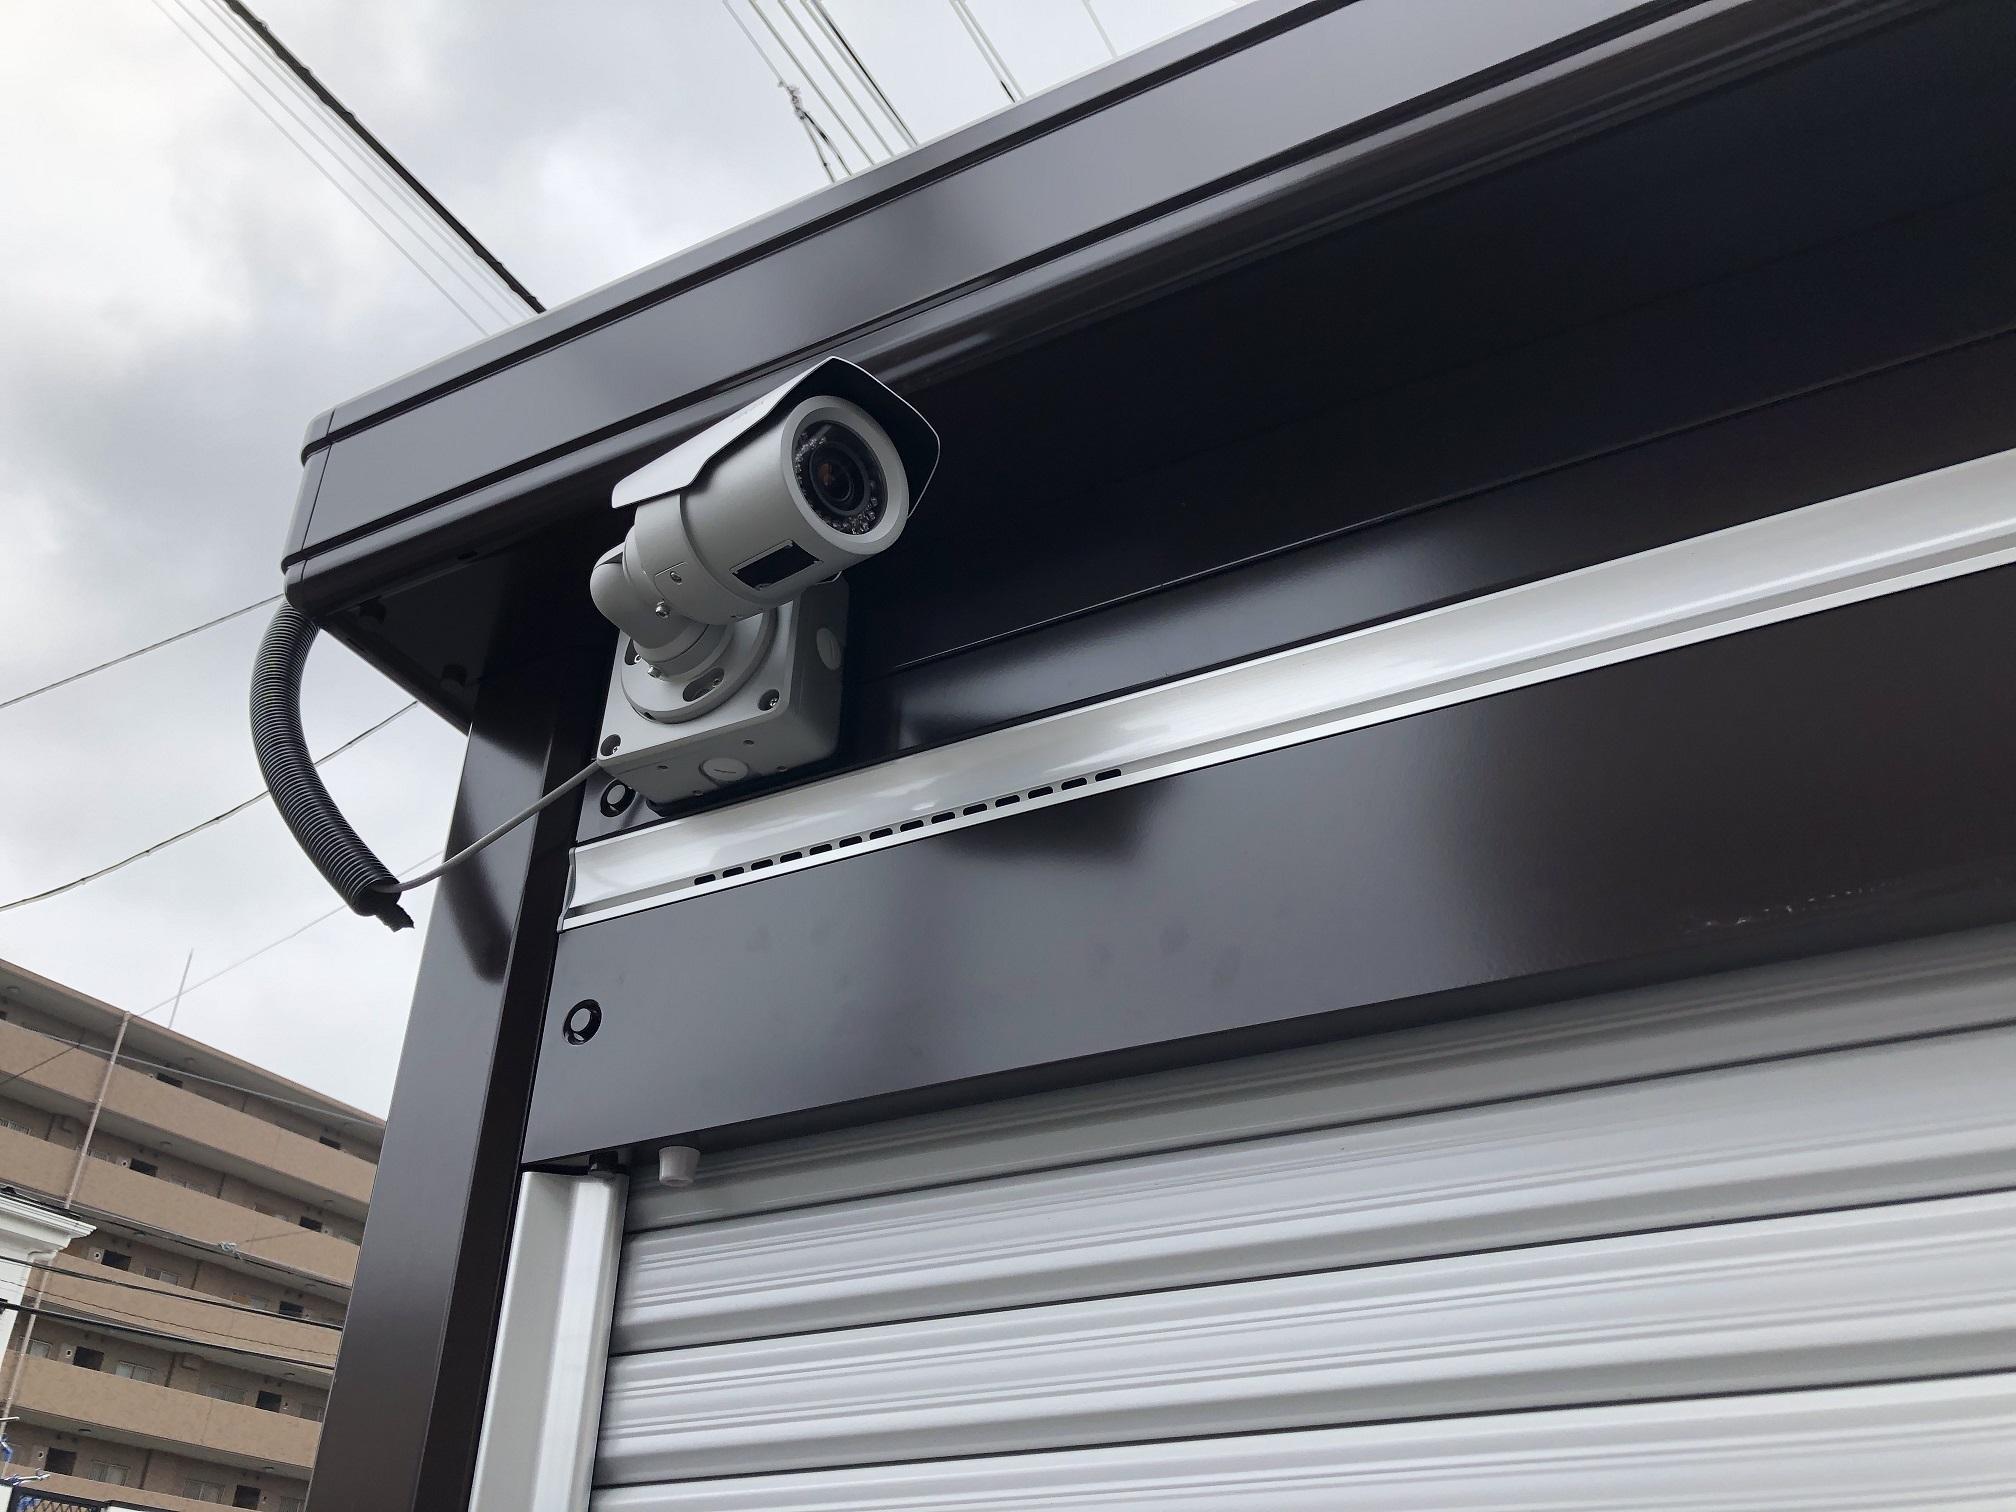 【6月1日新規OPEN】川口南町店 ガレージエリアは防犯カメラにて監視中